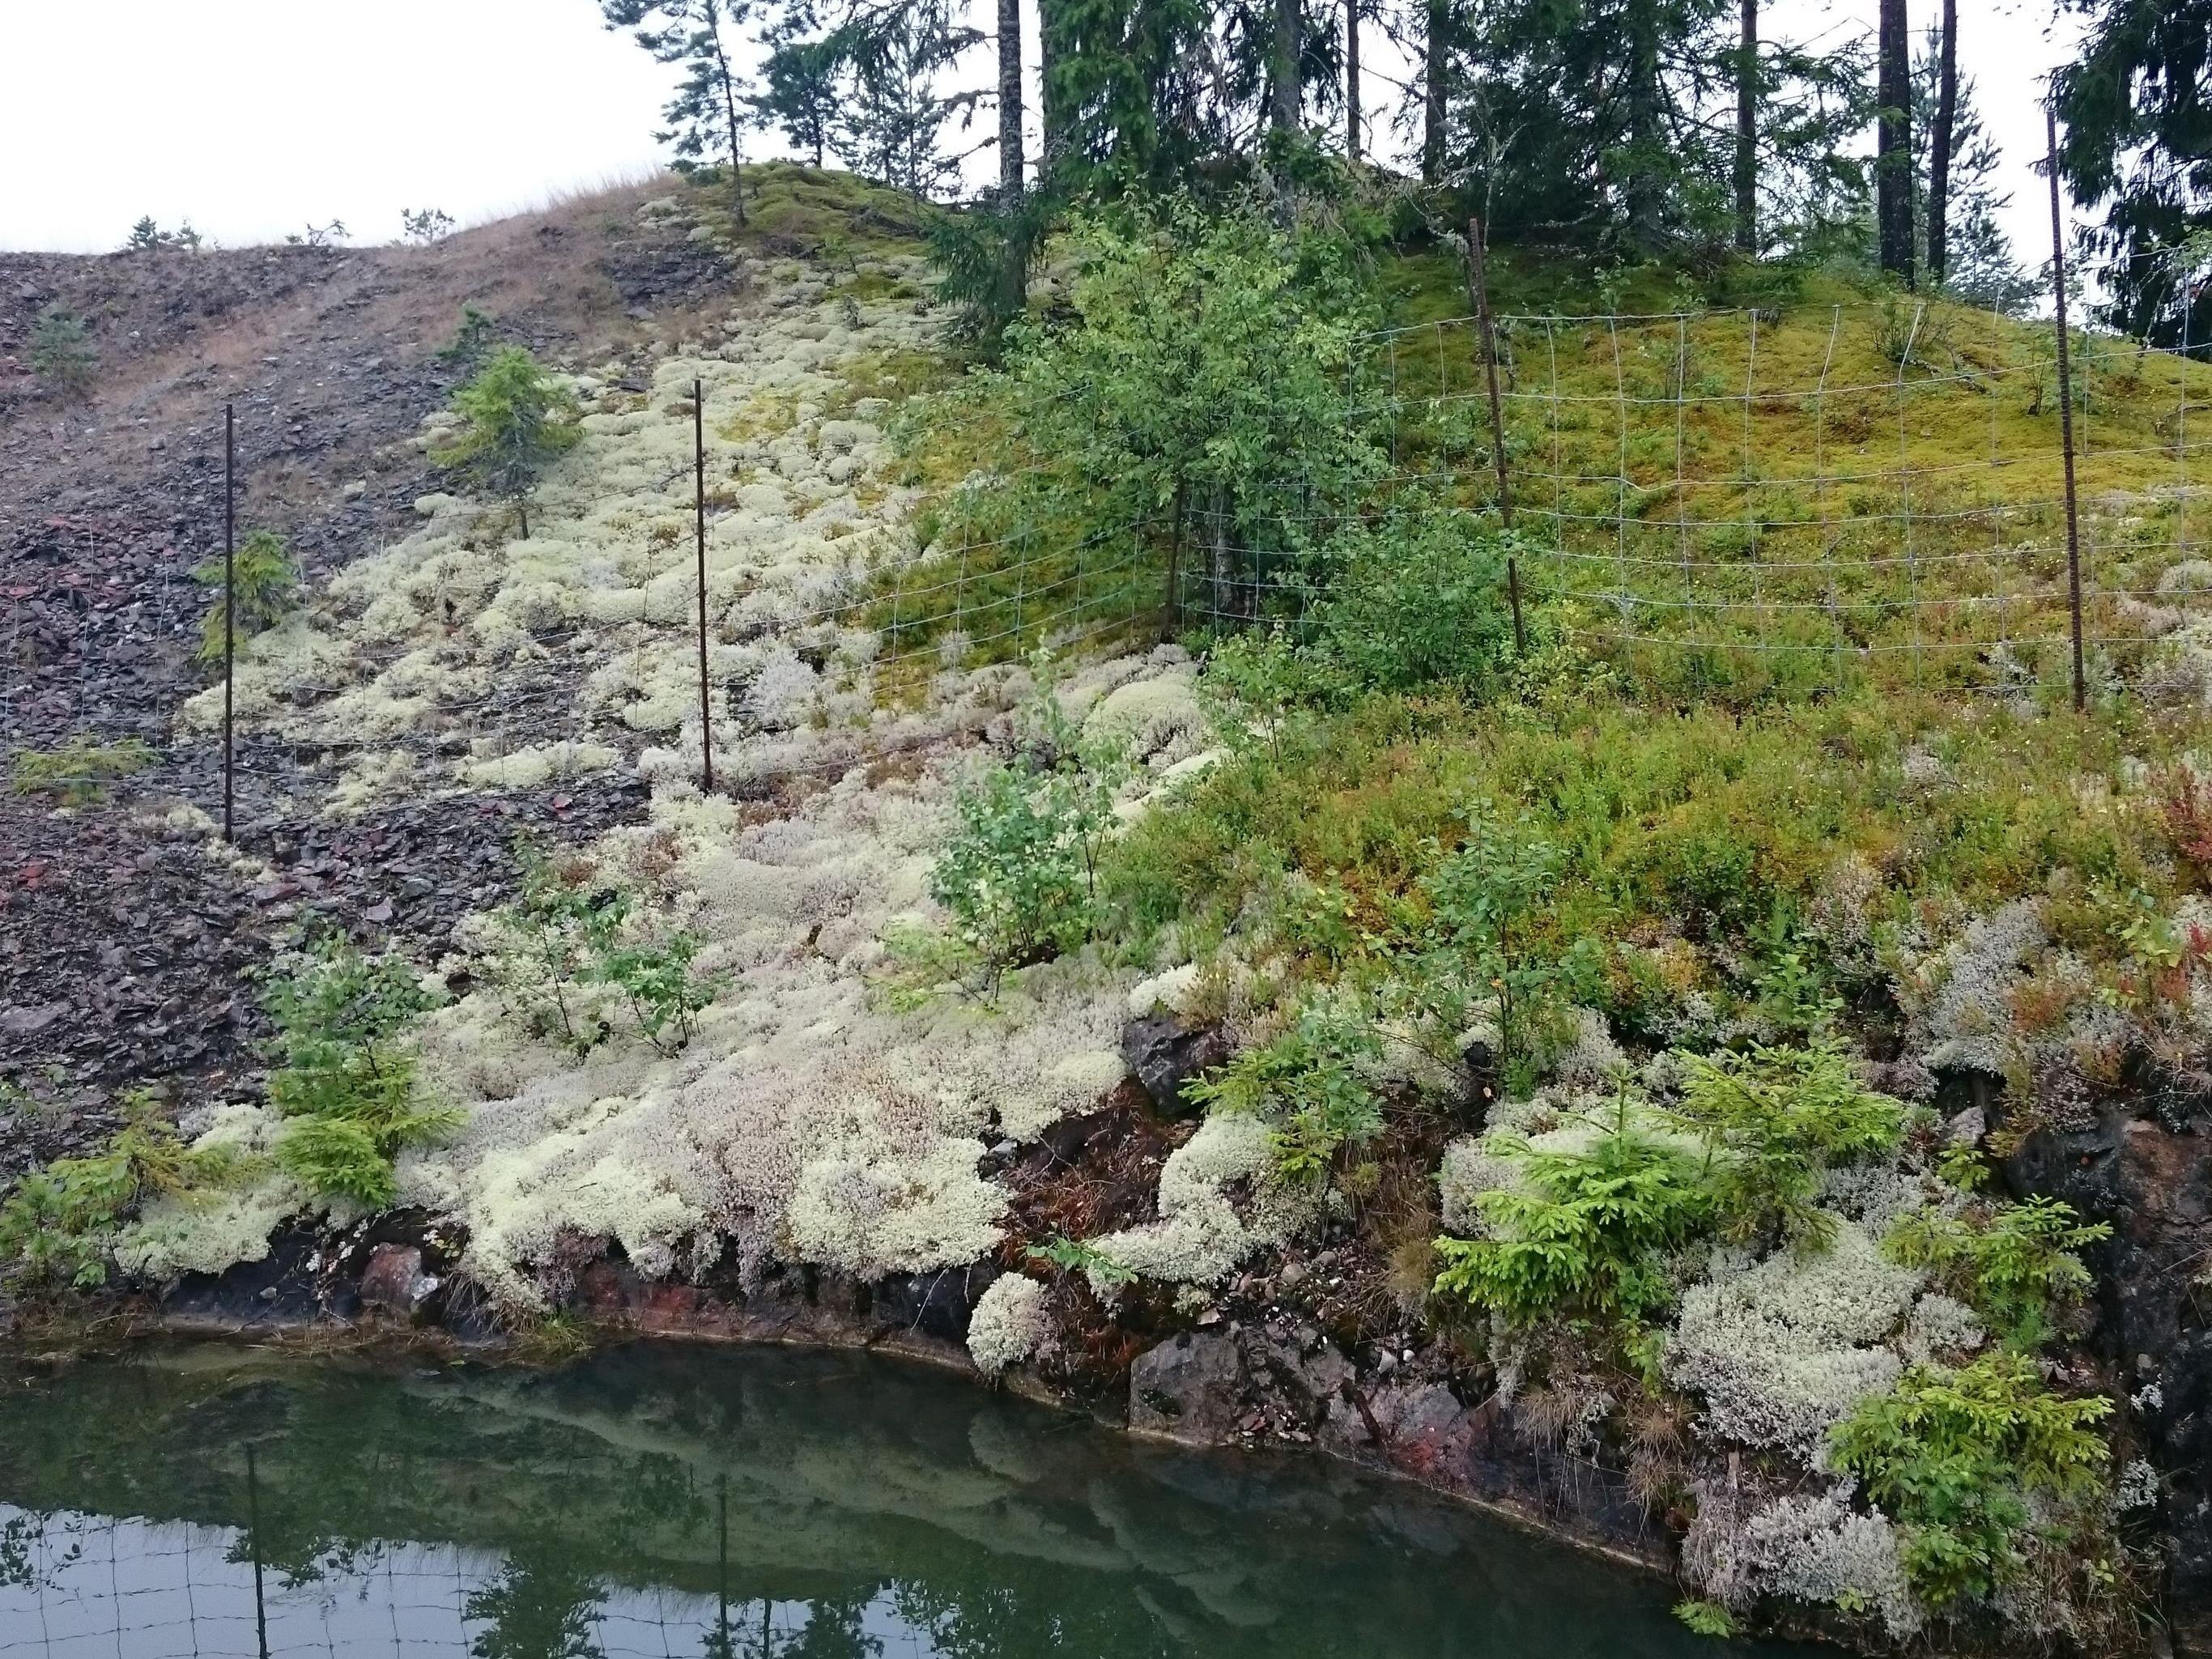 Vandring i gammal gruvmiljö på Humboberget